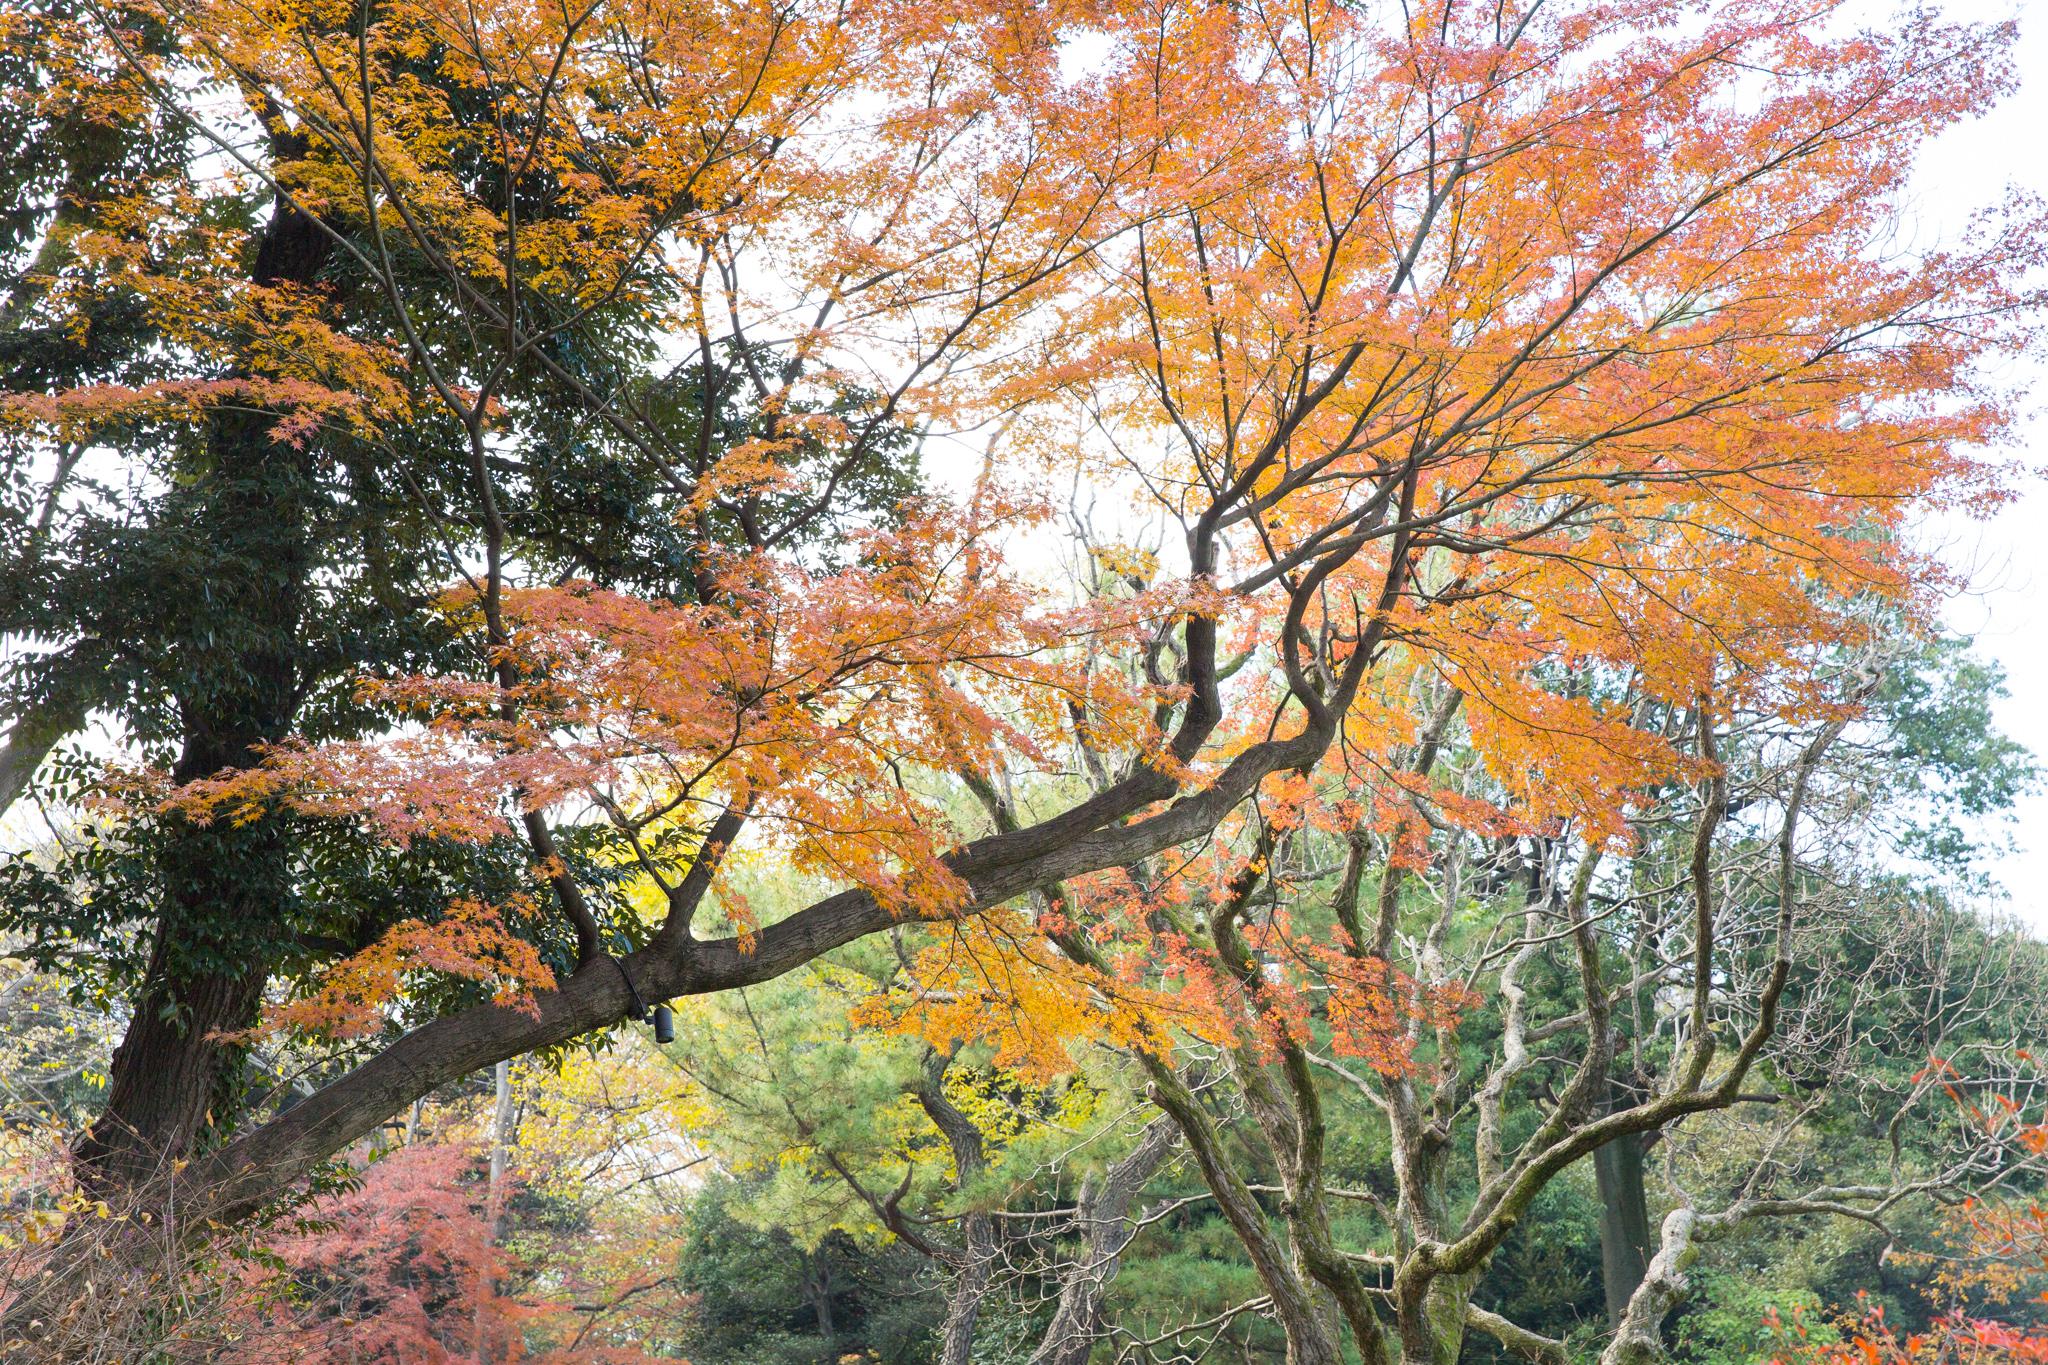 6037-japan-nature-beautiful-trees.jpg